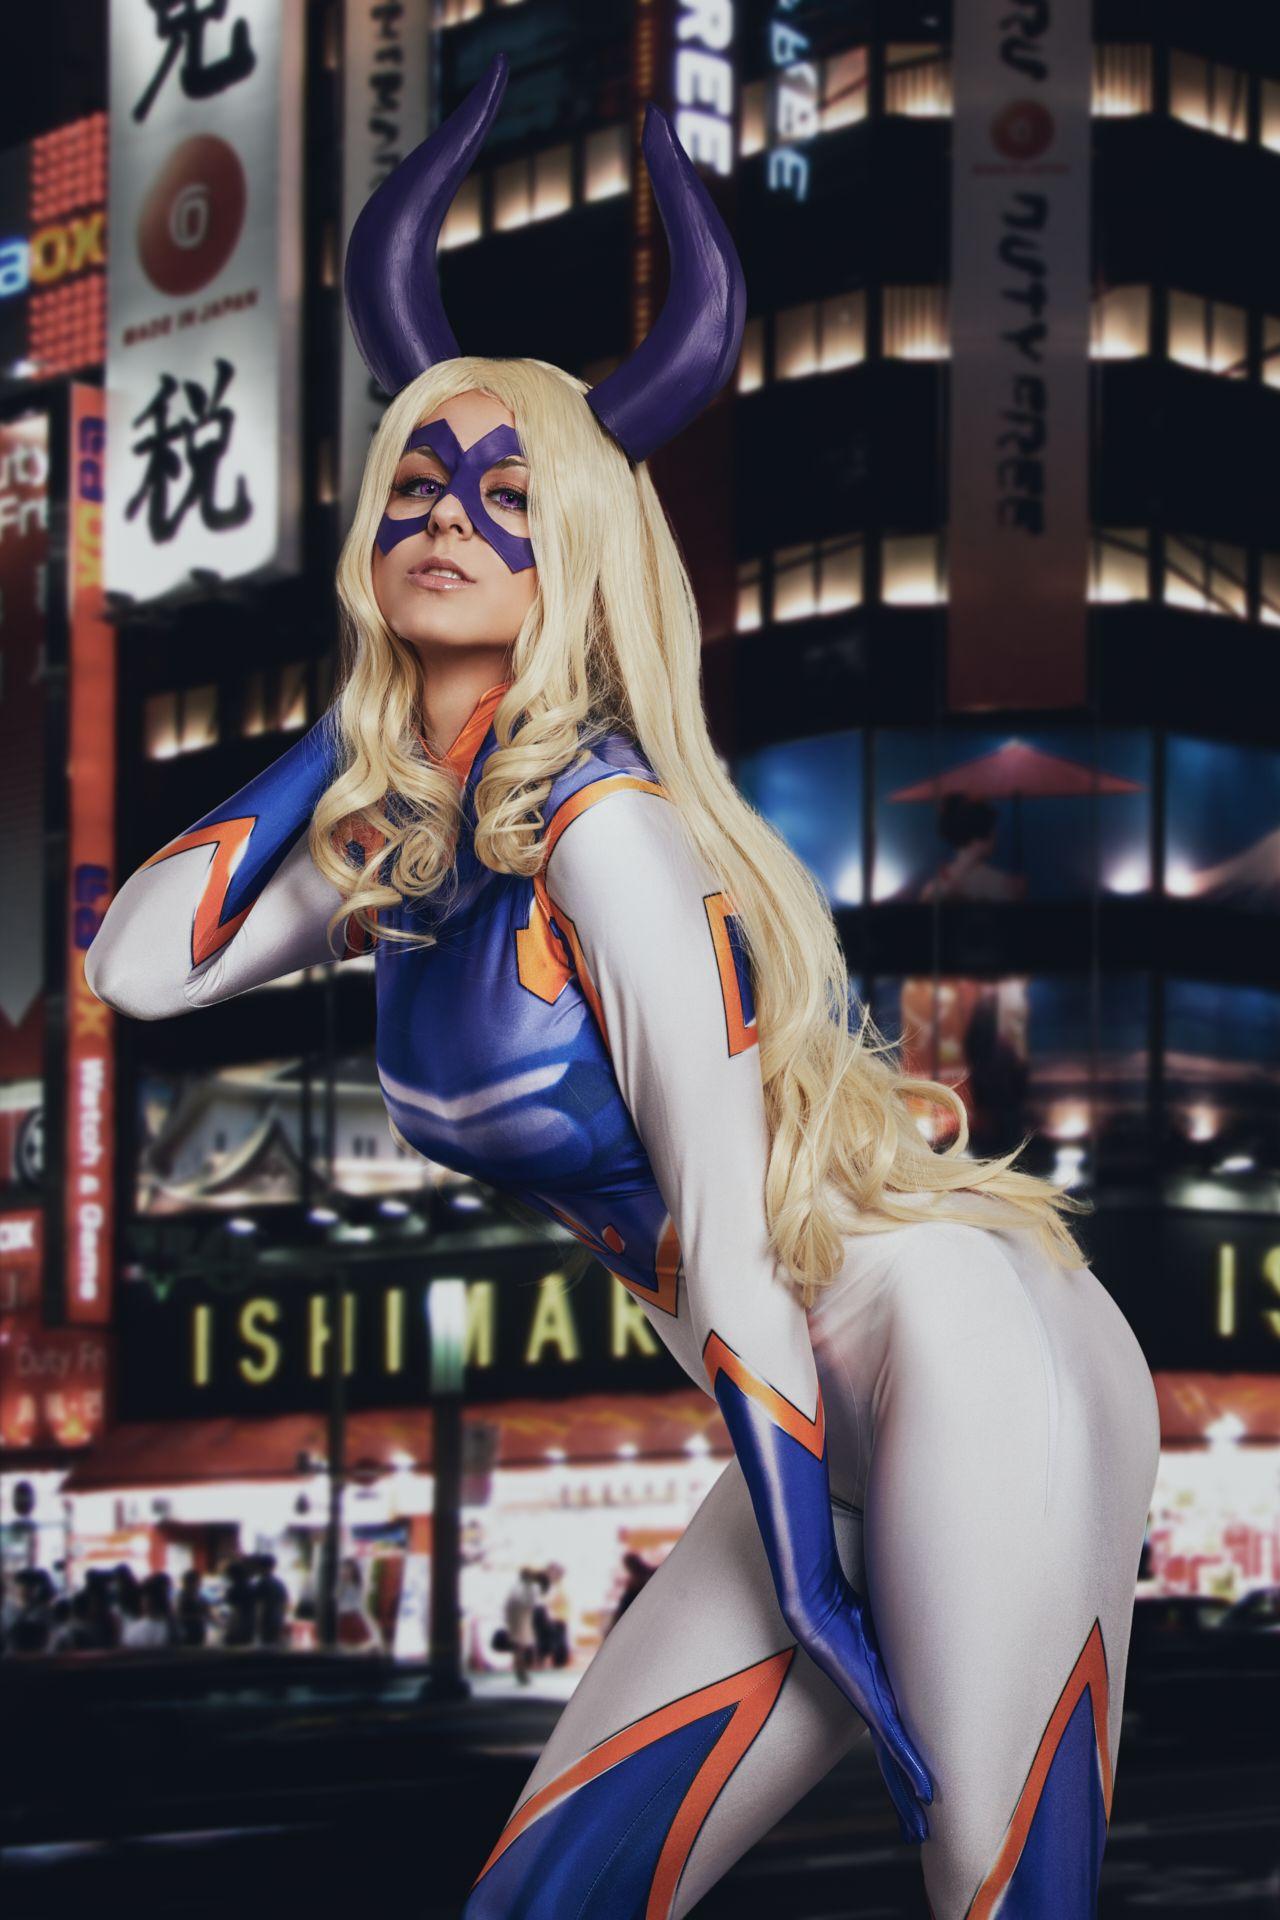 my hero academia anime mt. lady